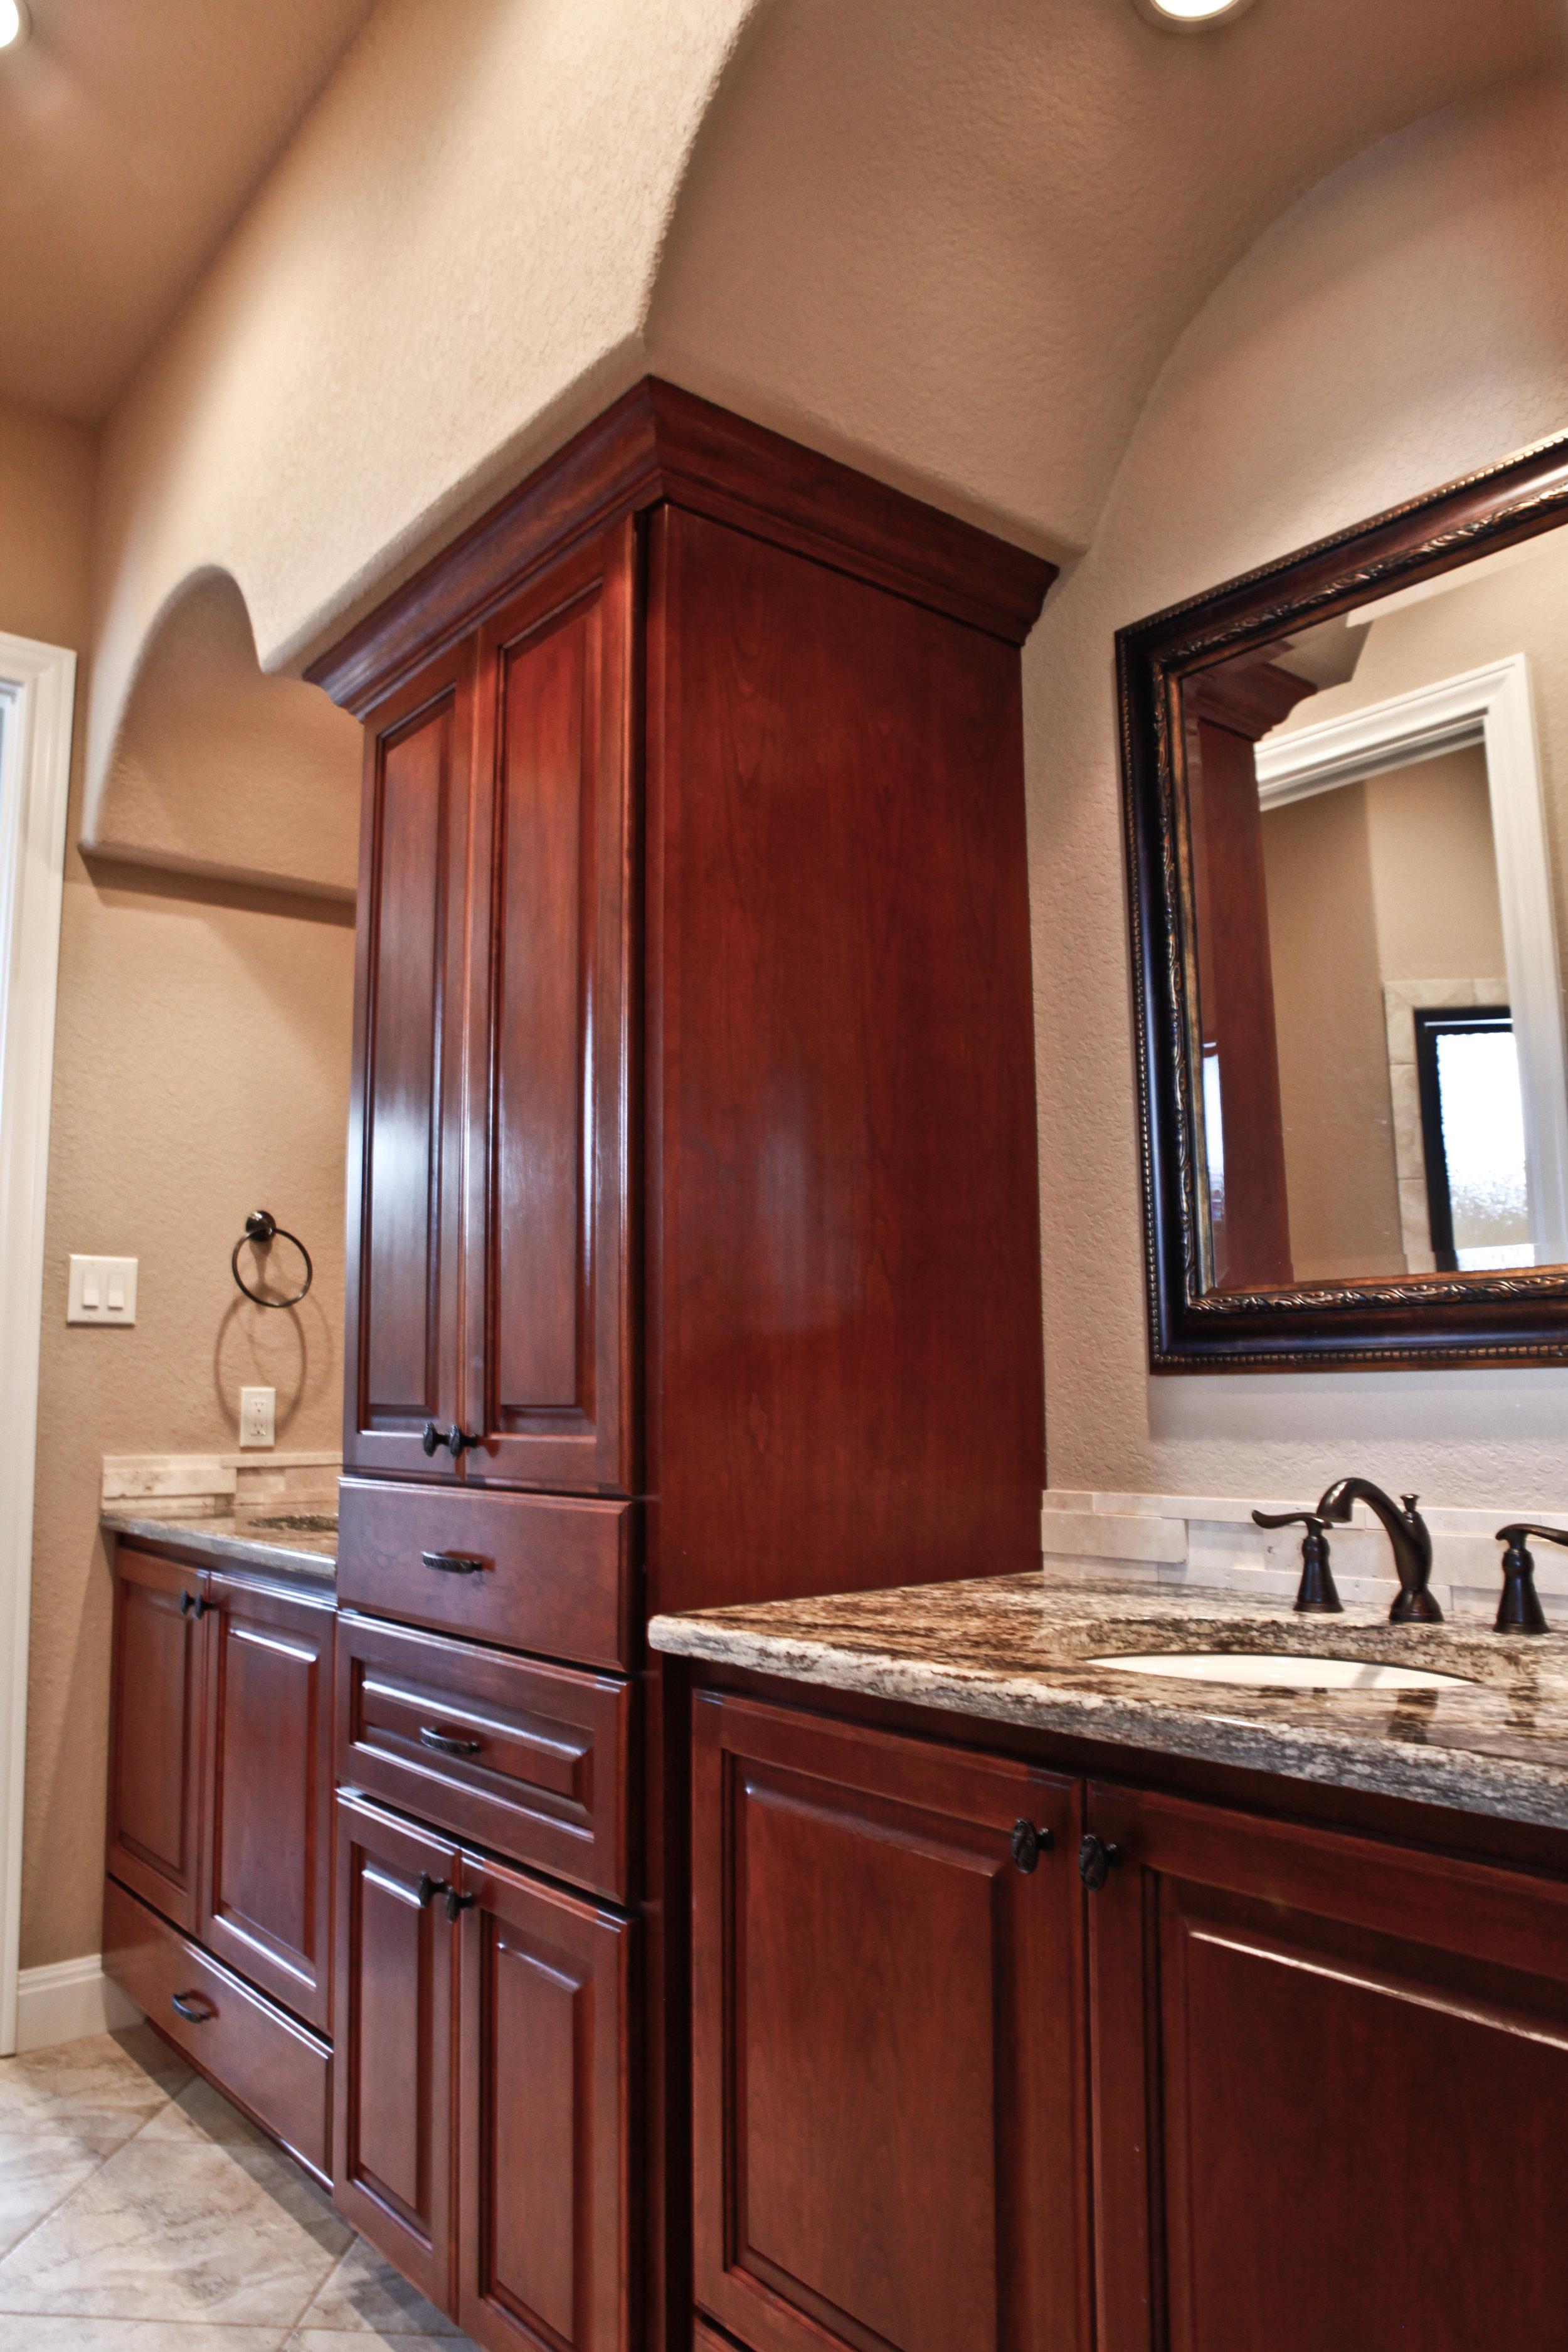 31-bath 4 - sink and vanities.jpg